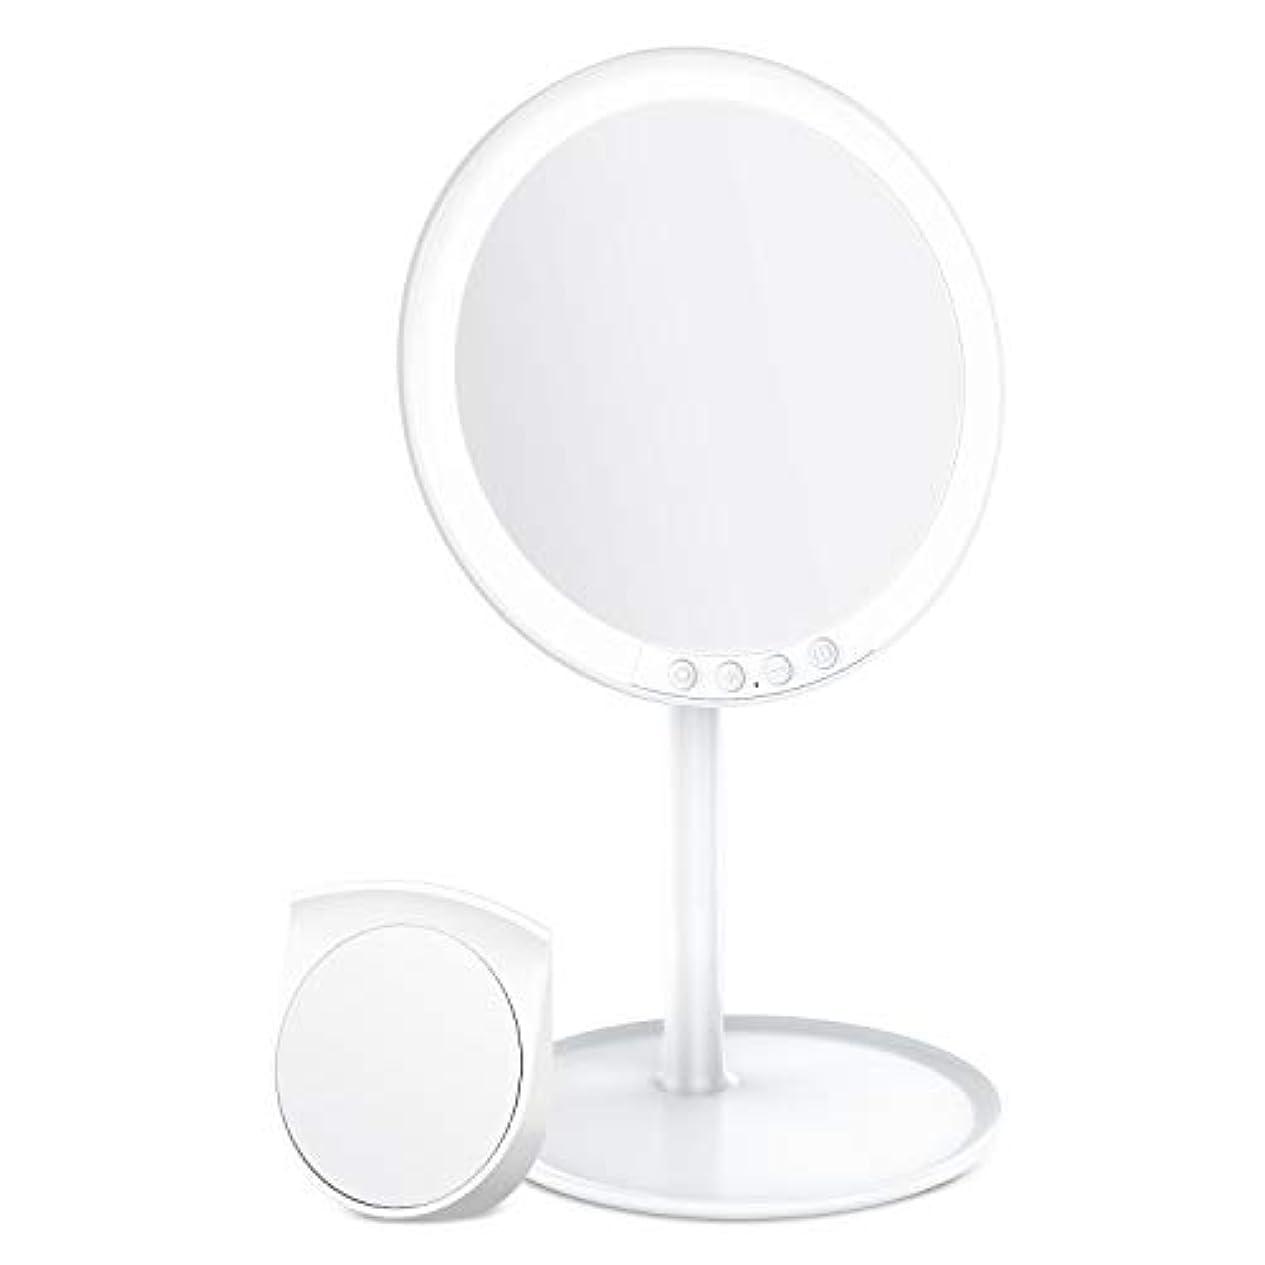 公爵夫人年金促すBESTOPE 化粧鏡 卓上ミラー 鏡 化粧ミラー 女優ミラー 充電式 led付き 7倍拡大鏡付き 寒暖色調節可能 明るさ調節可能 120°回転 ホワイト